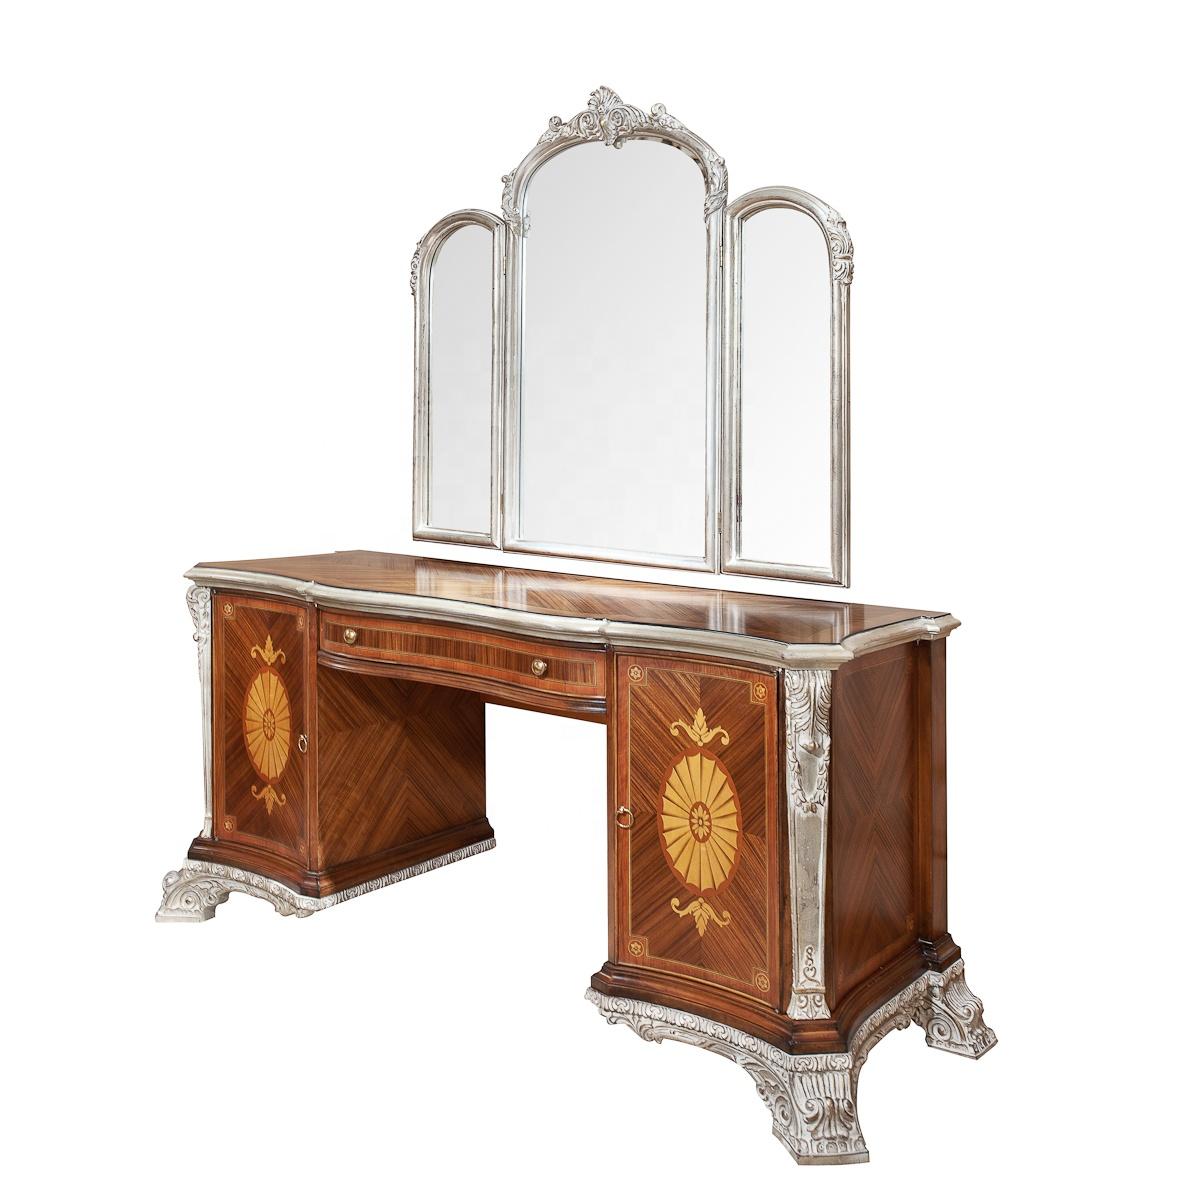 Art Nouveau Meubels Antiek.Vind De Beste Art Nouveau Meubelen Fabricaten En Art Nouveau